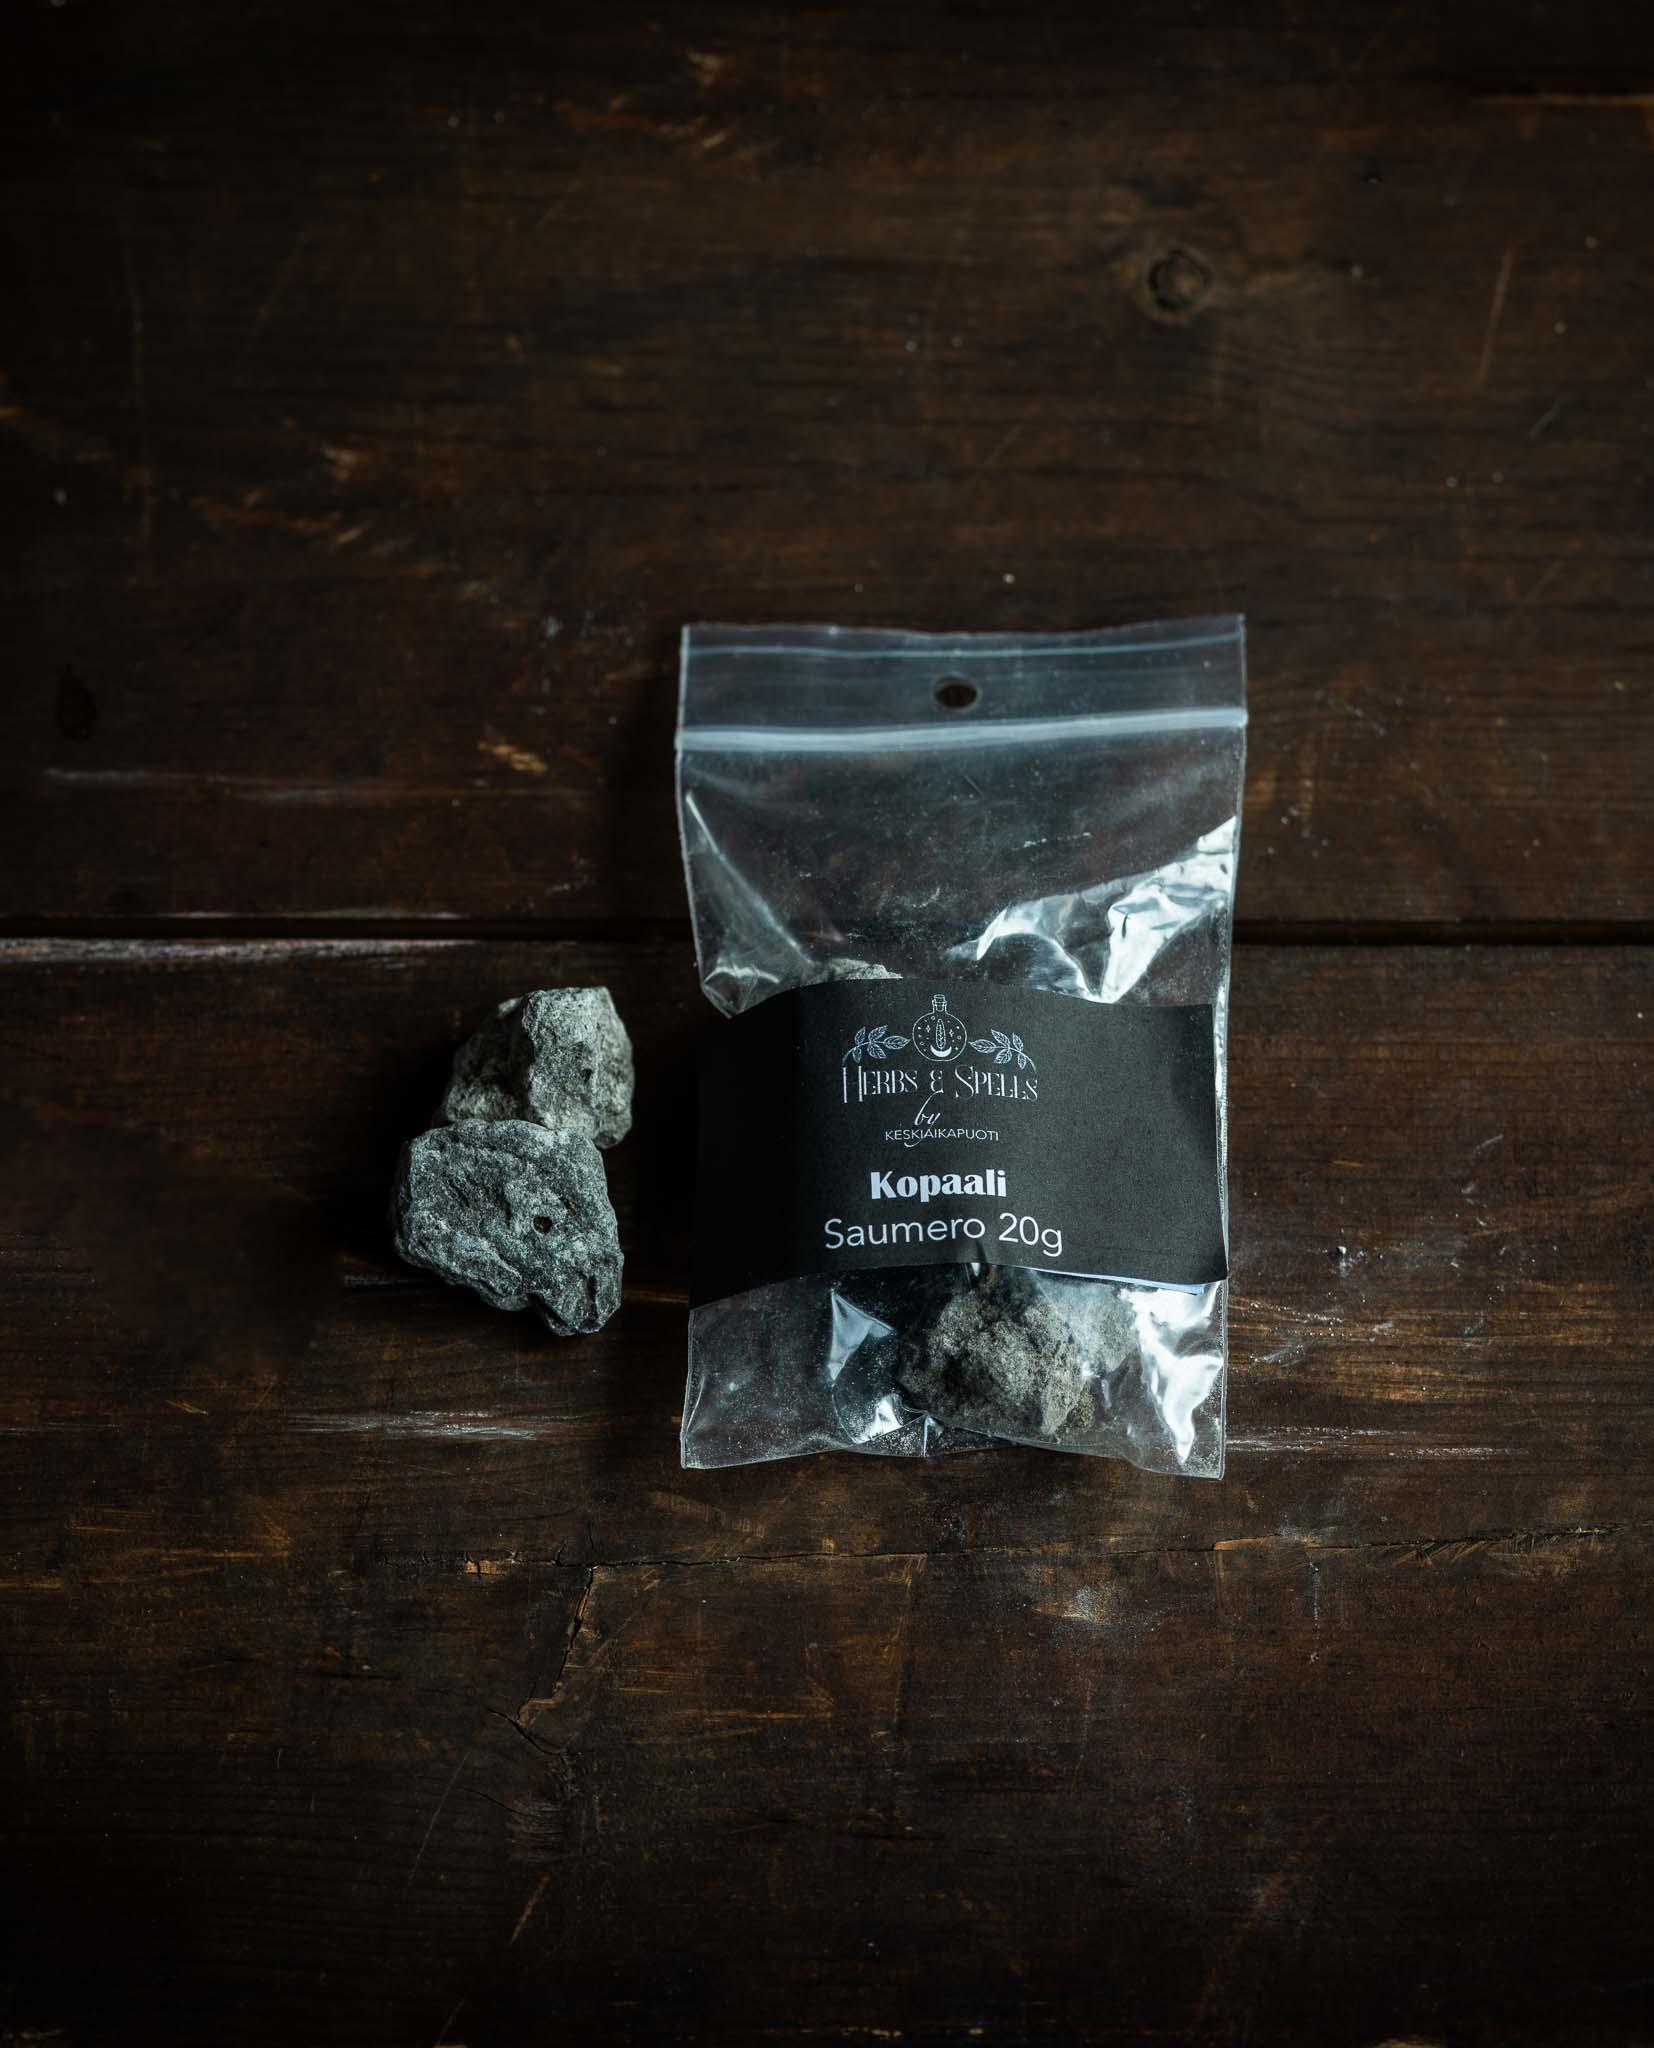 Kopaali Saumero 20g (Herbs&Spell by keskiaikapuoti)